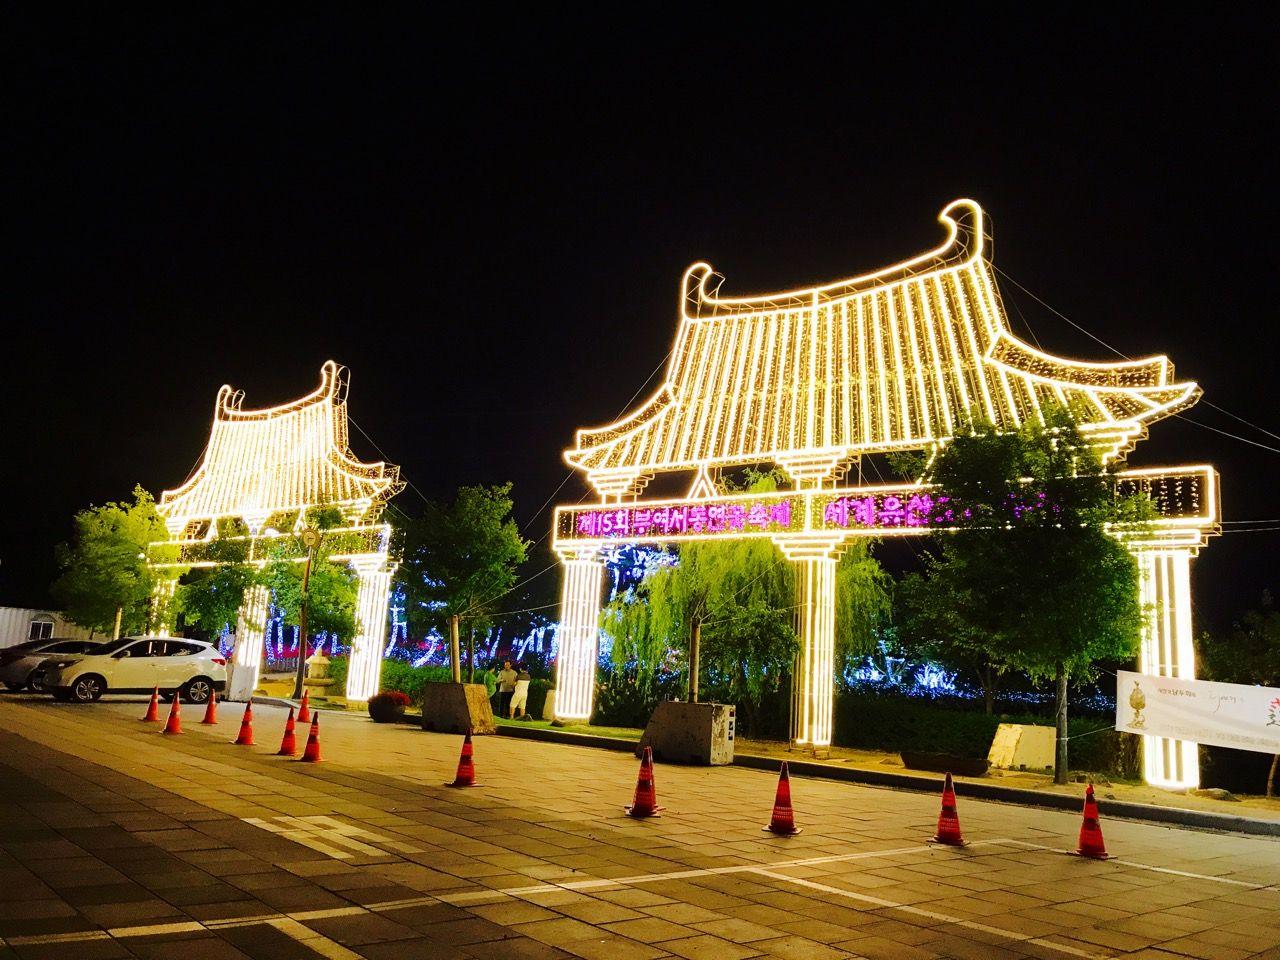 韓国版ロミジュリの「愛の池」は毎晩ライトアップ!